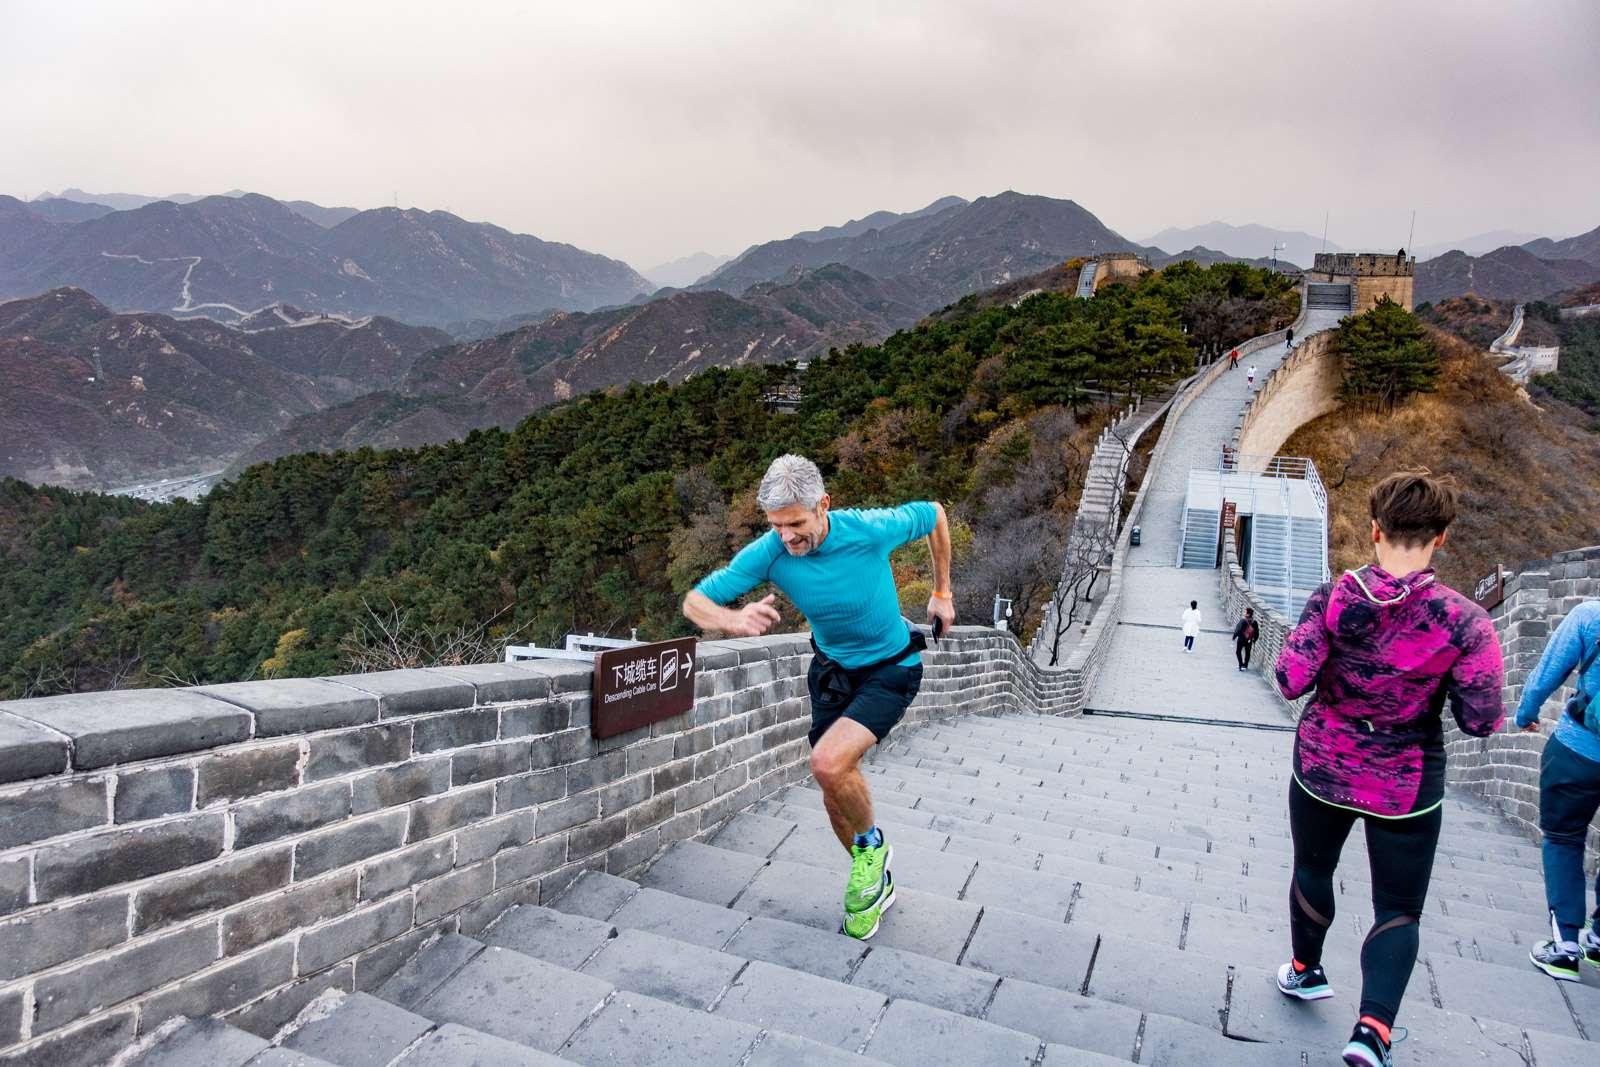 laufen auf der chinesischen mauer 007